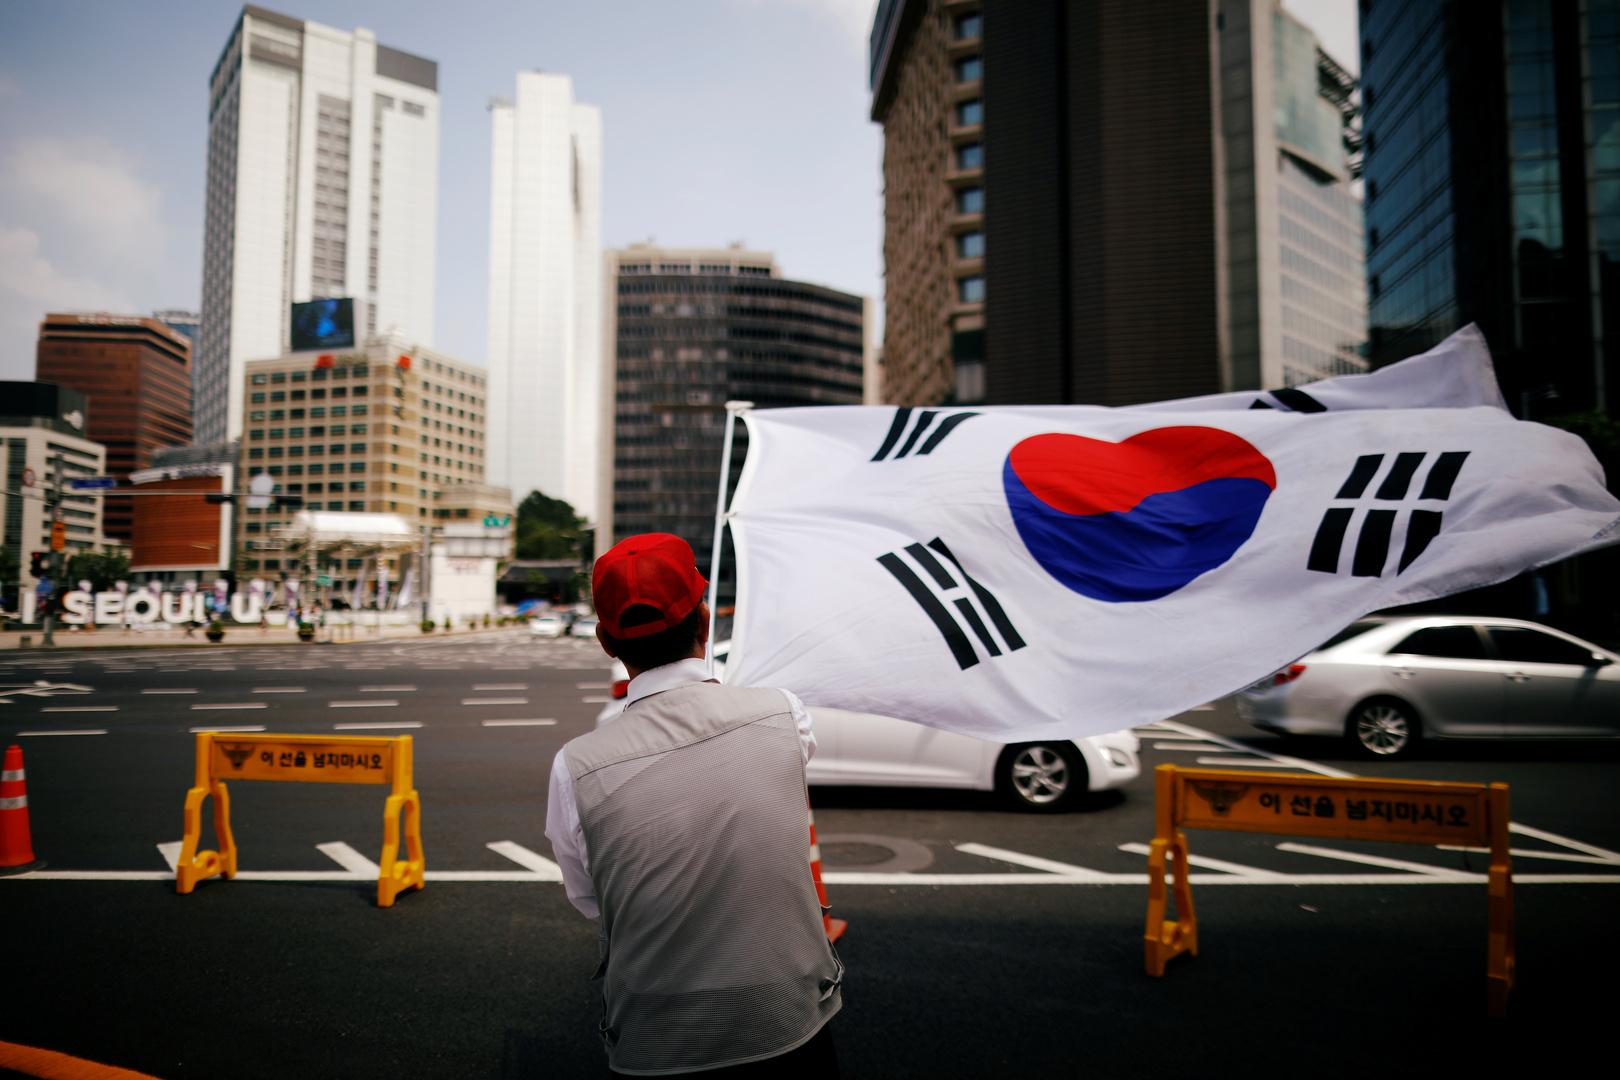 وزارة الدفاع الكورية الجنوبية: يبدو أن كوريا الشمالية تركز على شؤونها الداخلية